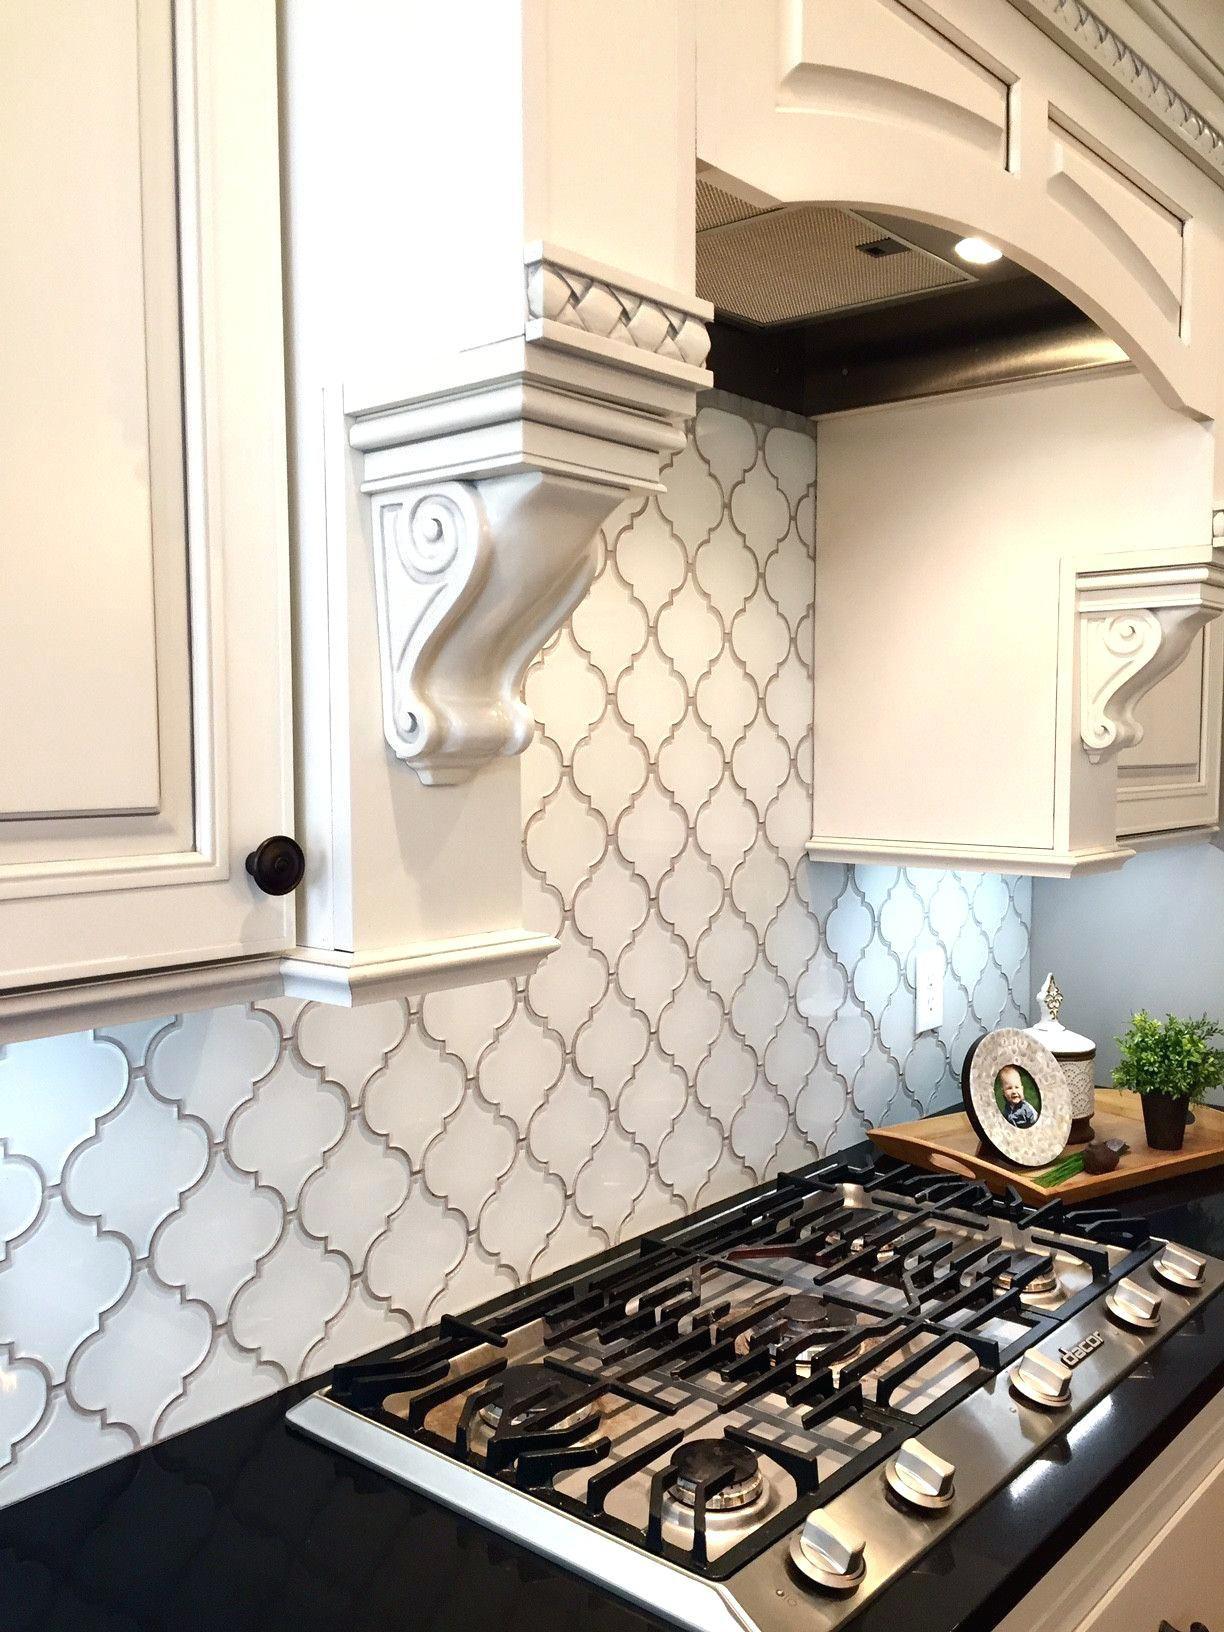 - Beveled Arabesque Tile Backsplash Snow White Arabesque Glass